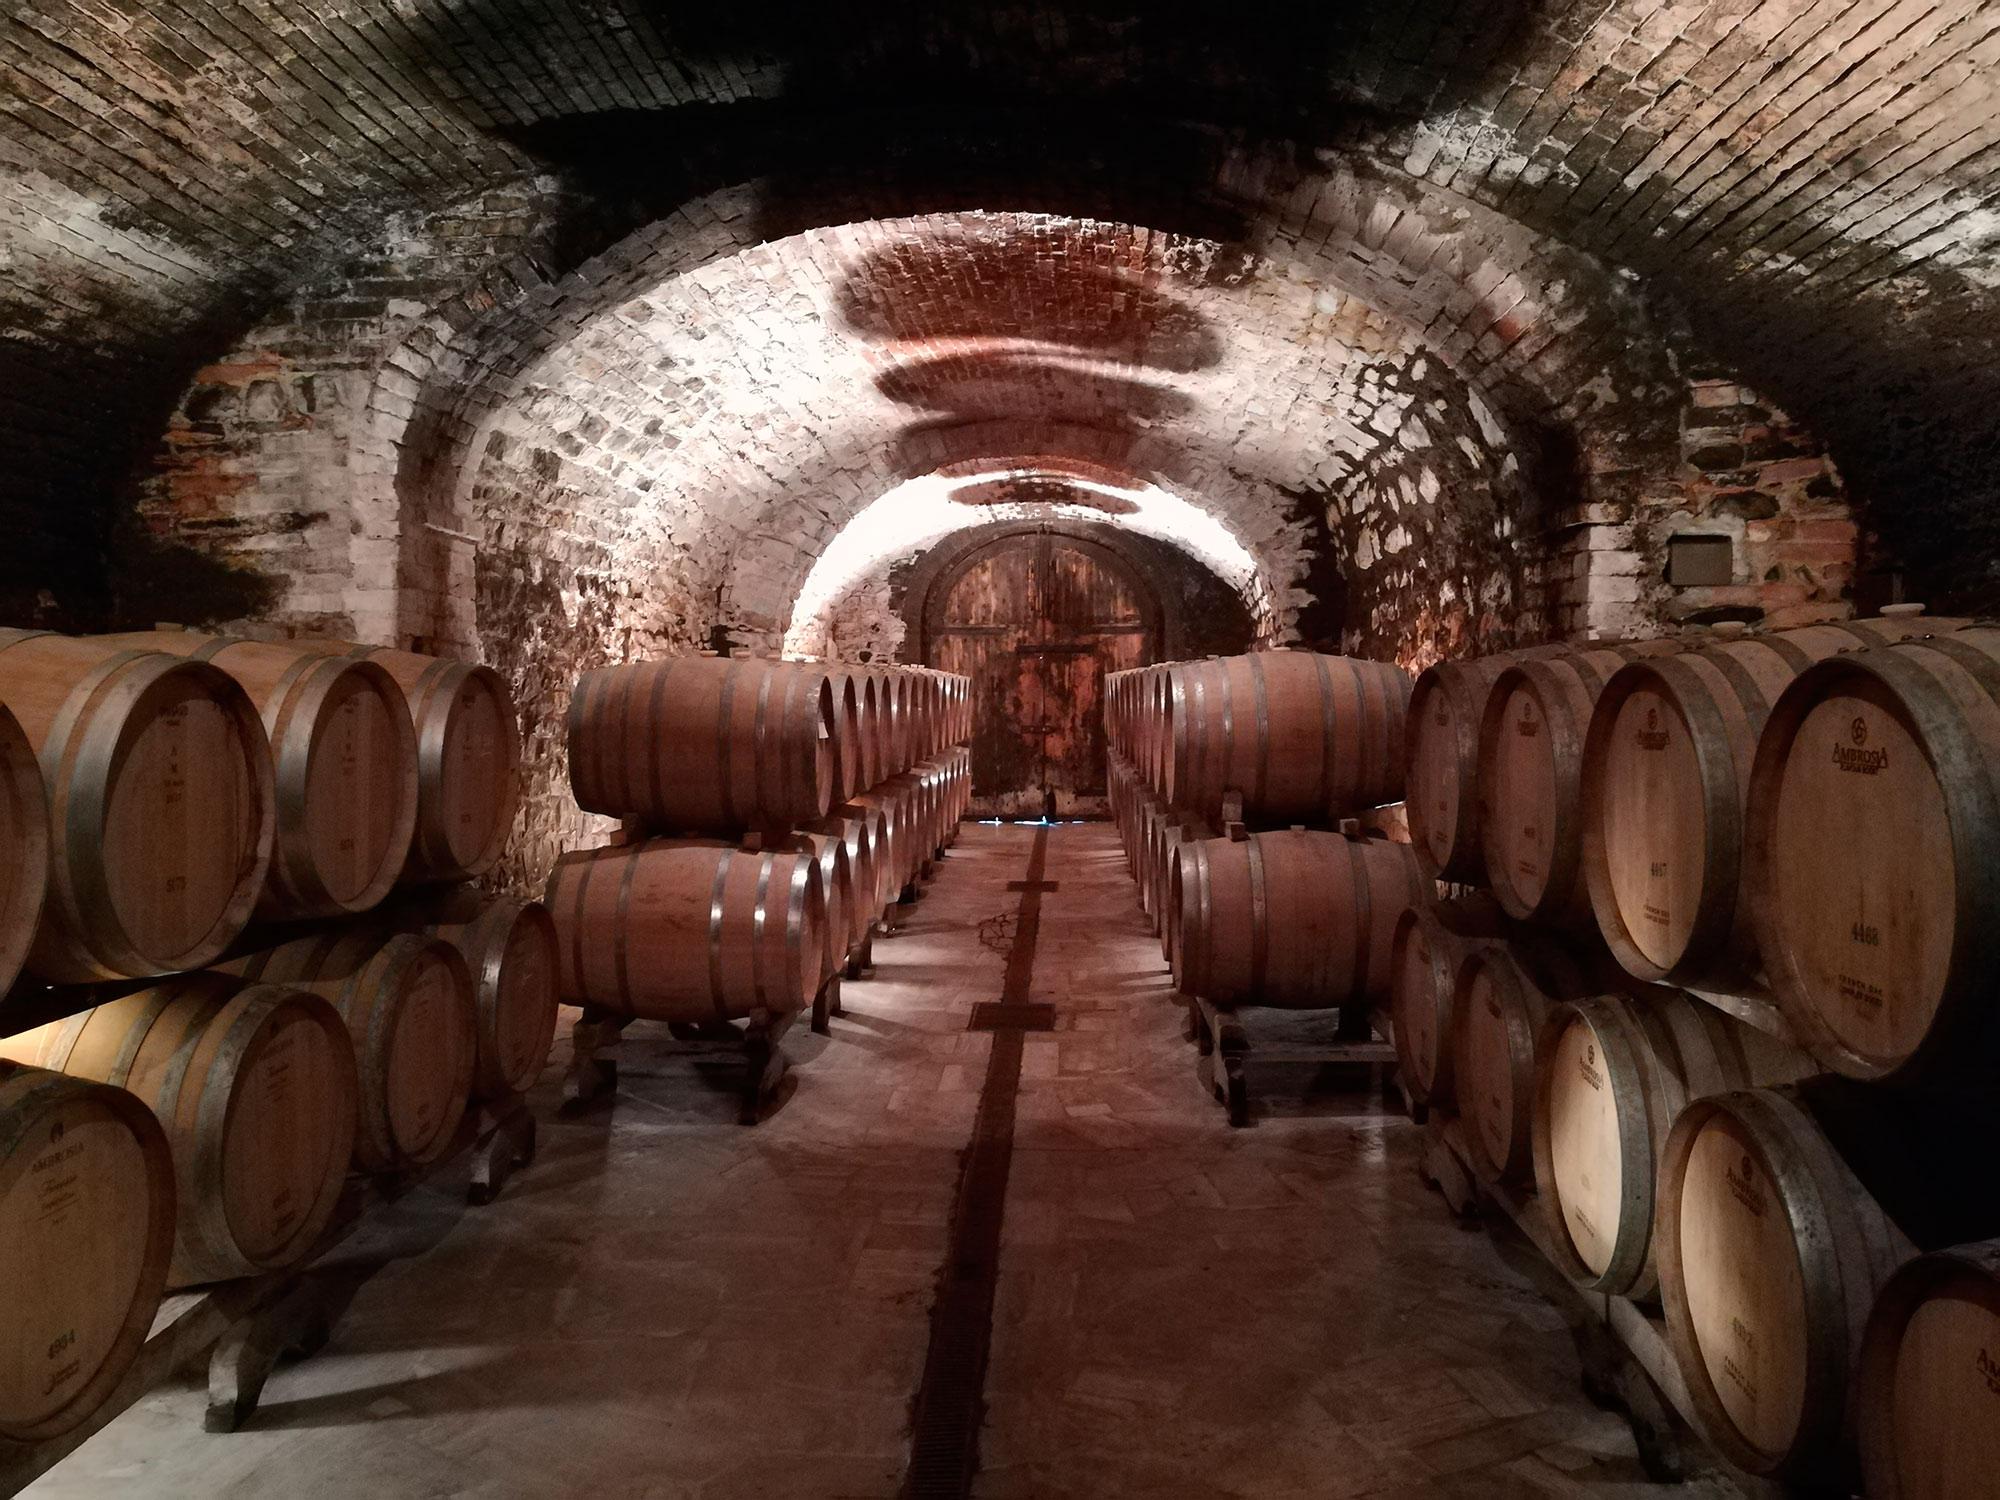 Chianti barrels cellar